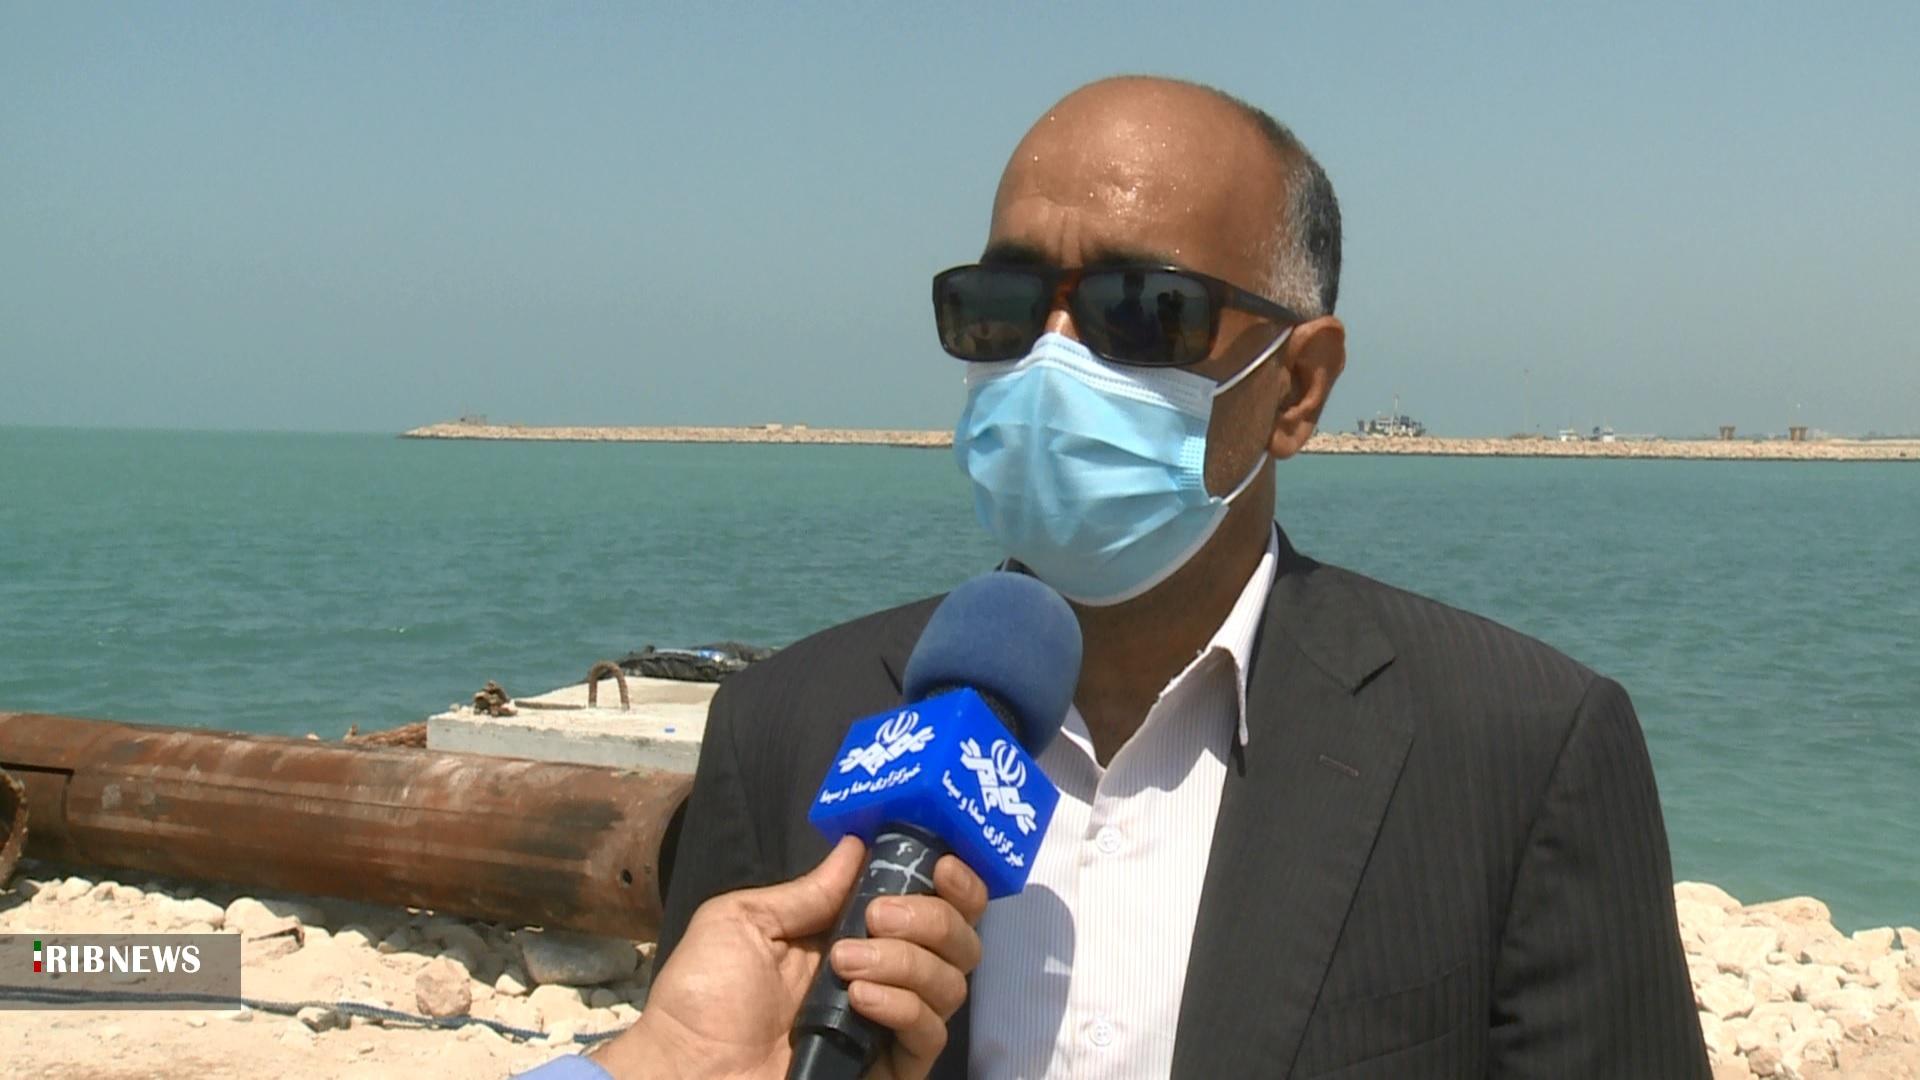 آب شهر بوشهر در یکی دو روز آینده عادی میشود